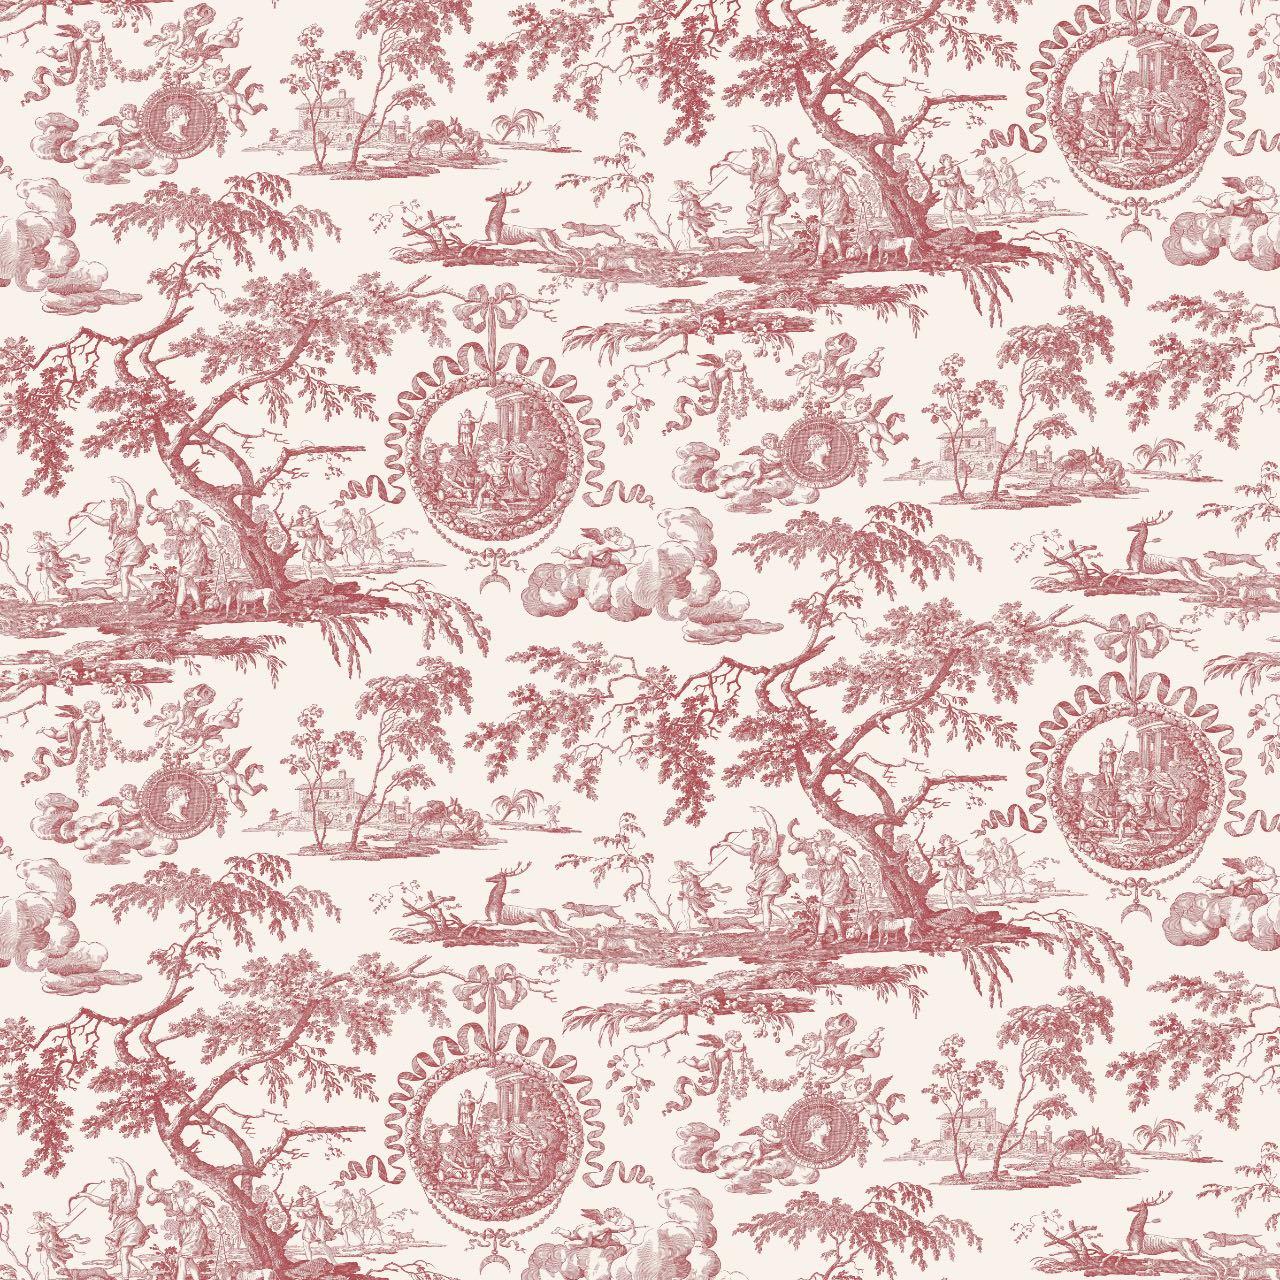 フランス壁紙 フリース(不織布) トワル・ド・ジュイ デザイン 《ディアーナの狩猟》  レッド